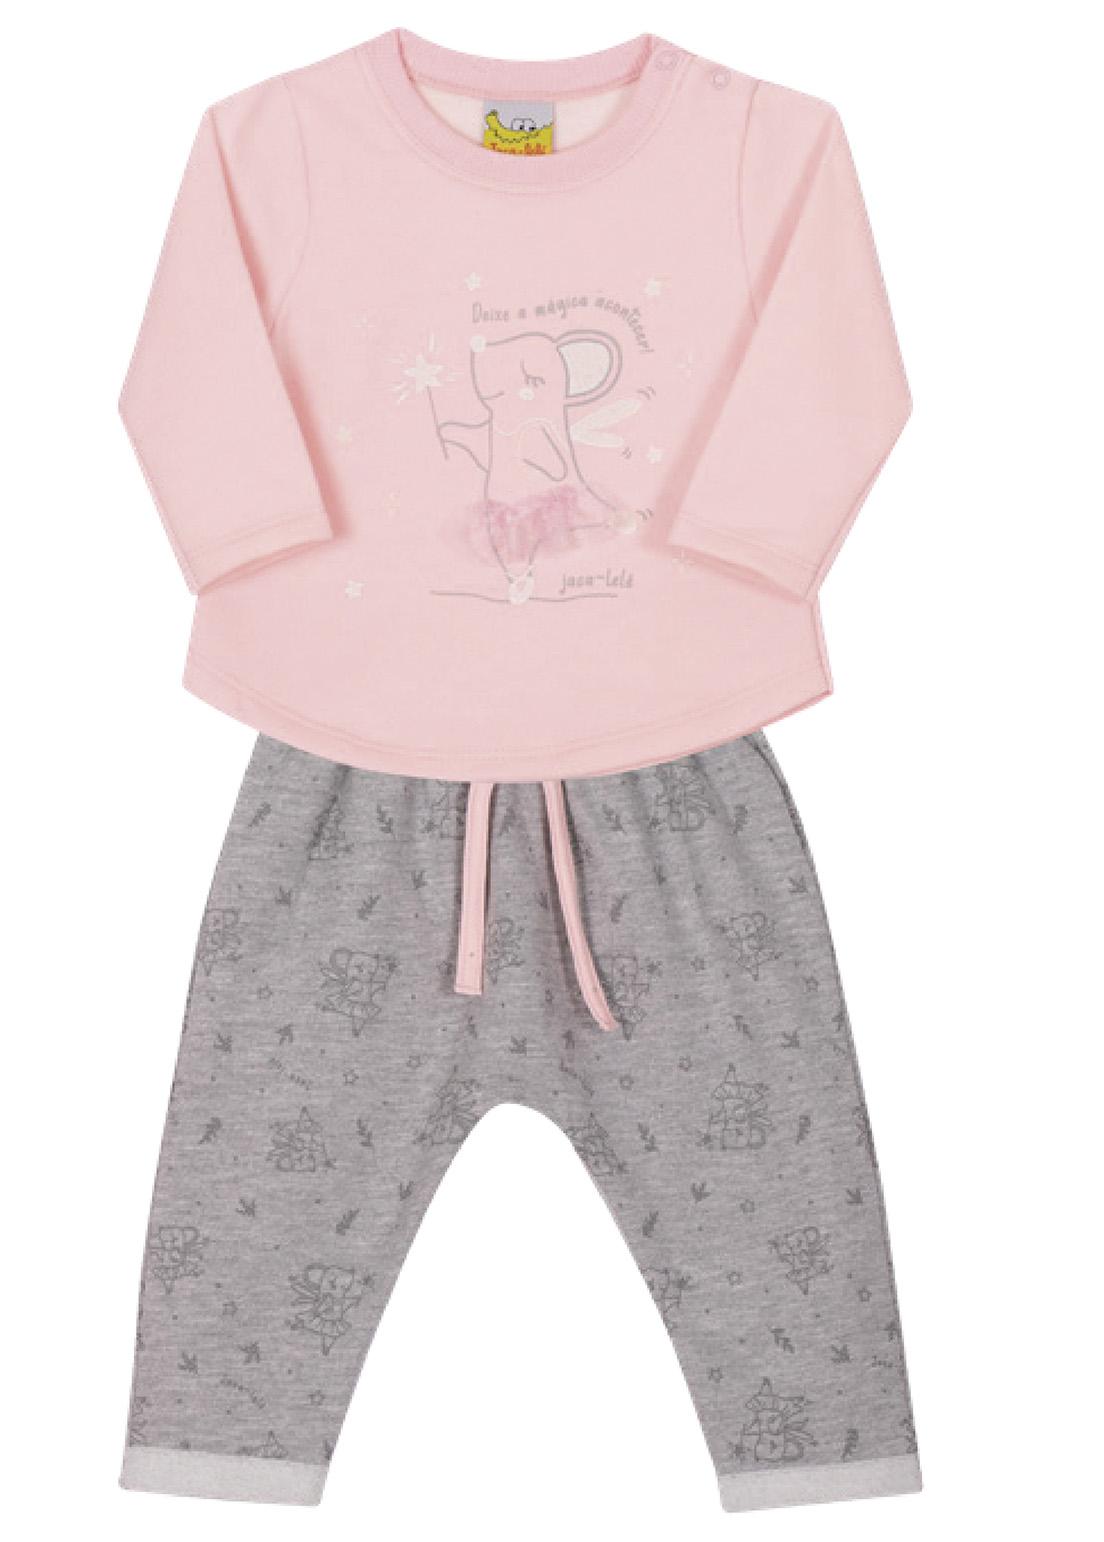 Conjunto Bebê e Infantil  Blusão e Calça  Moletom Jaca Lelé Bailarina Rosa e Mescla